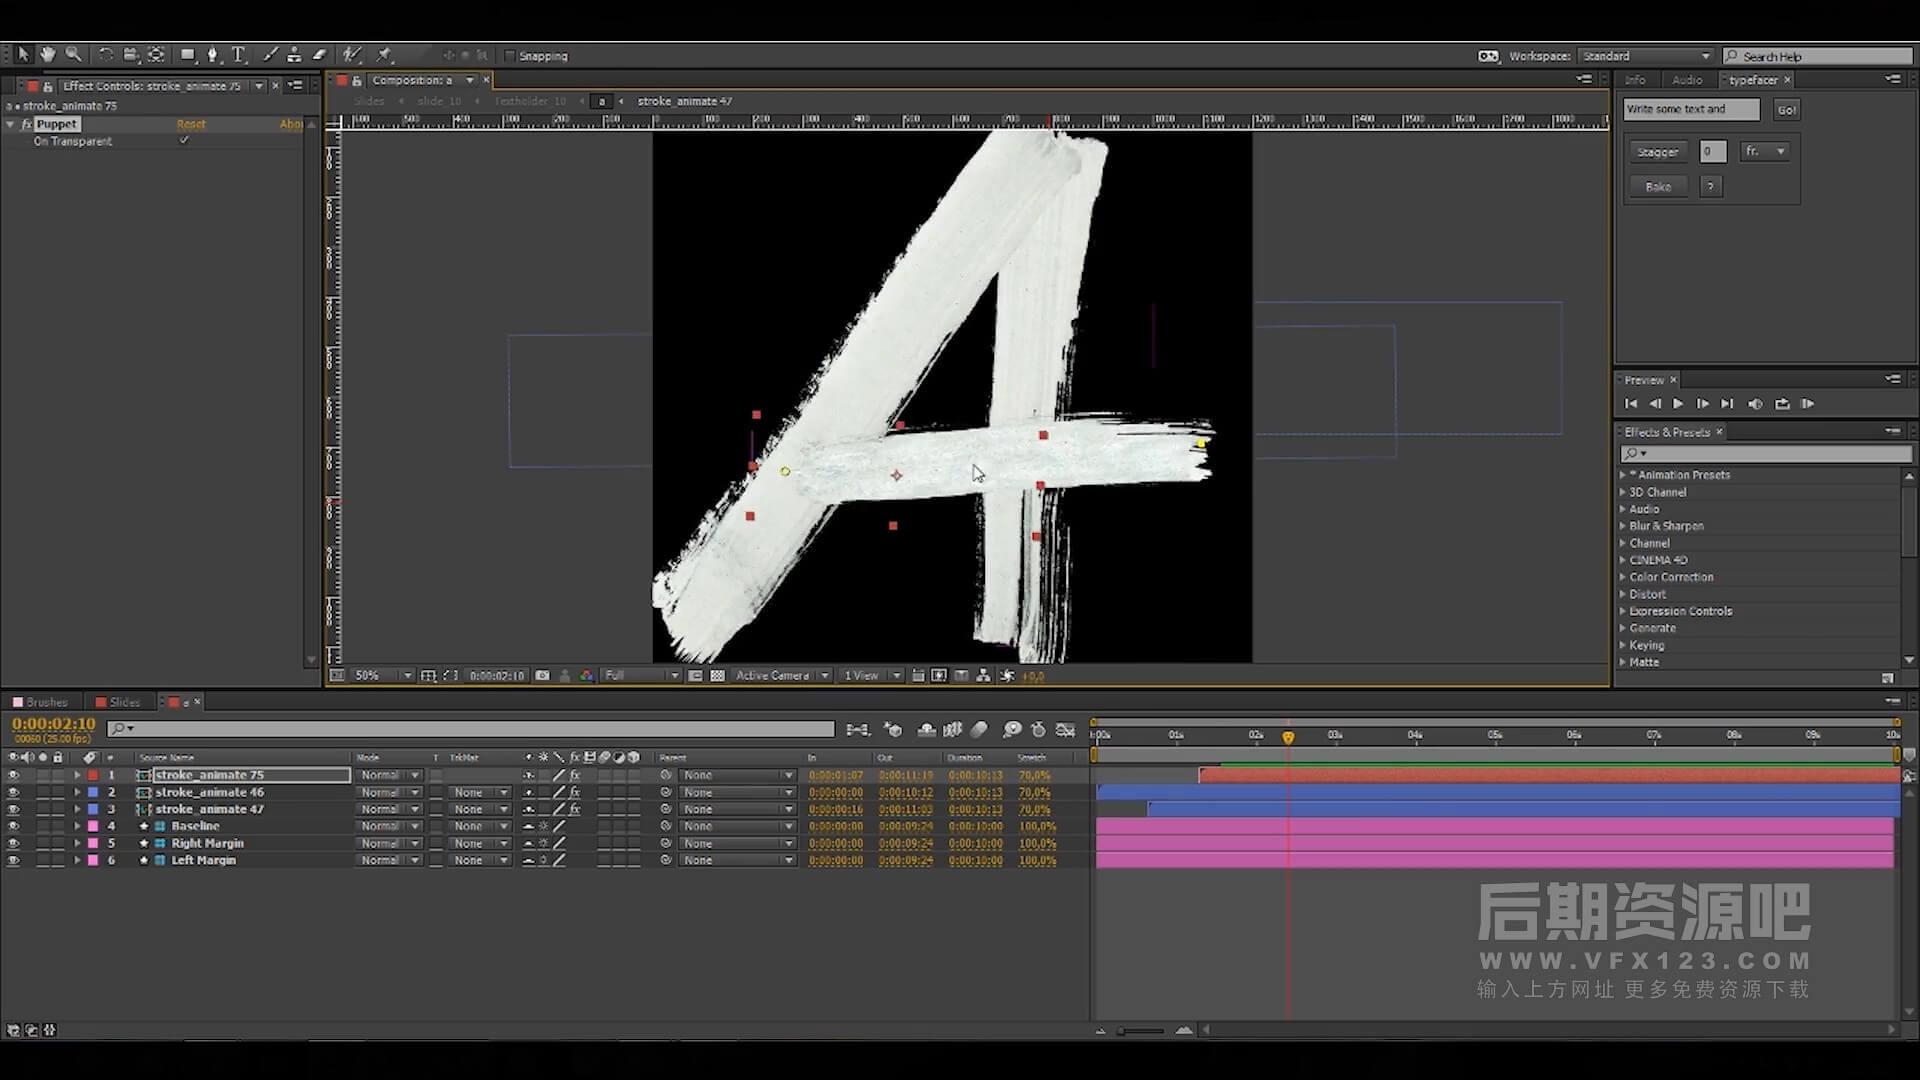 AE模板 英文手写笔刷笔迹 Vlog标题制作常用工具 brush pack